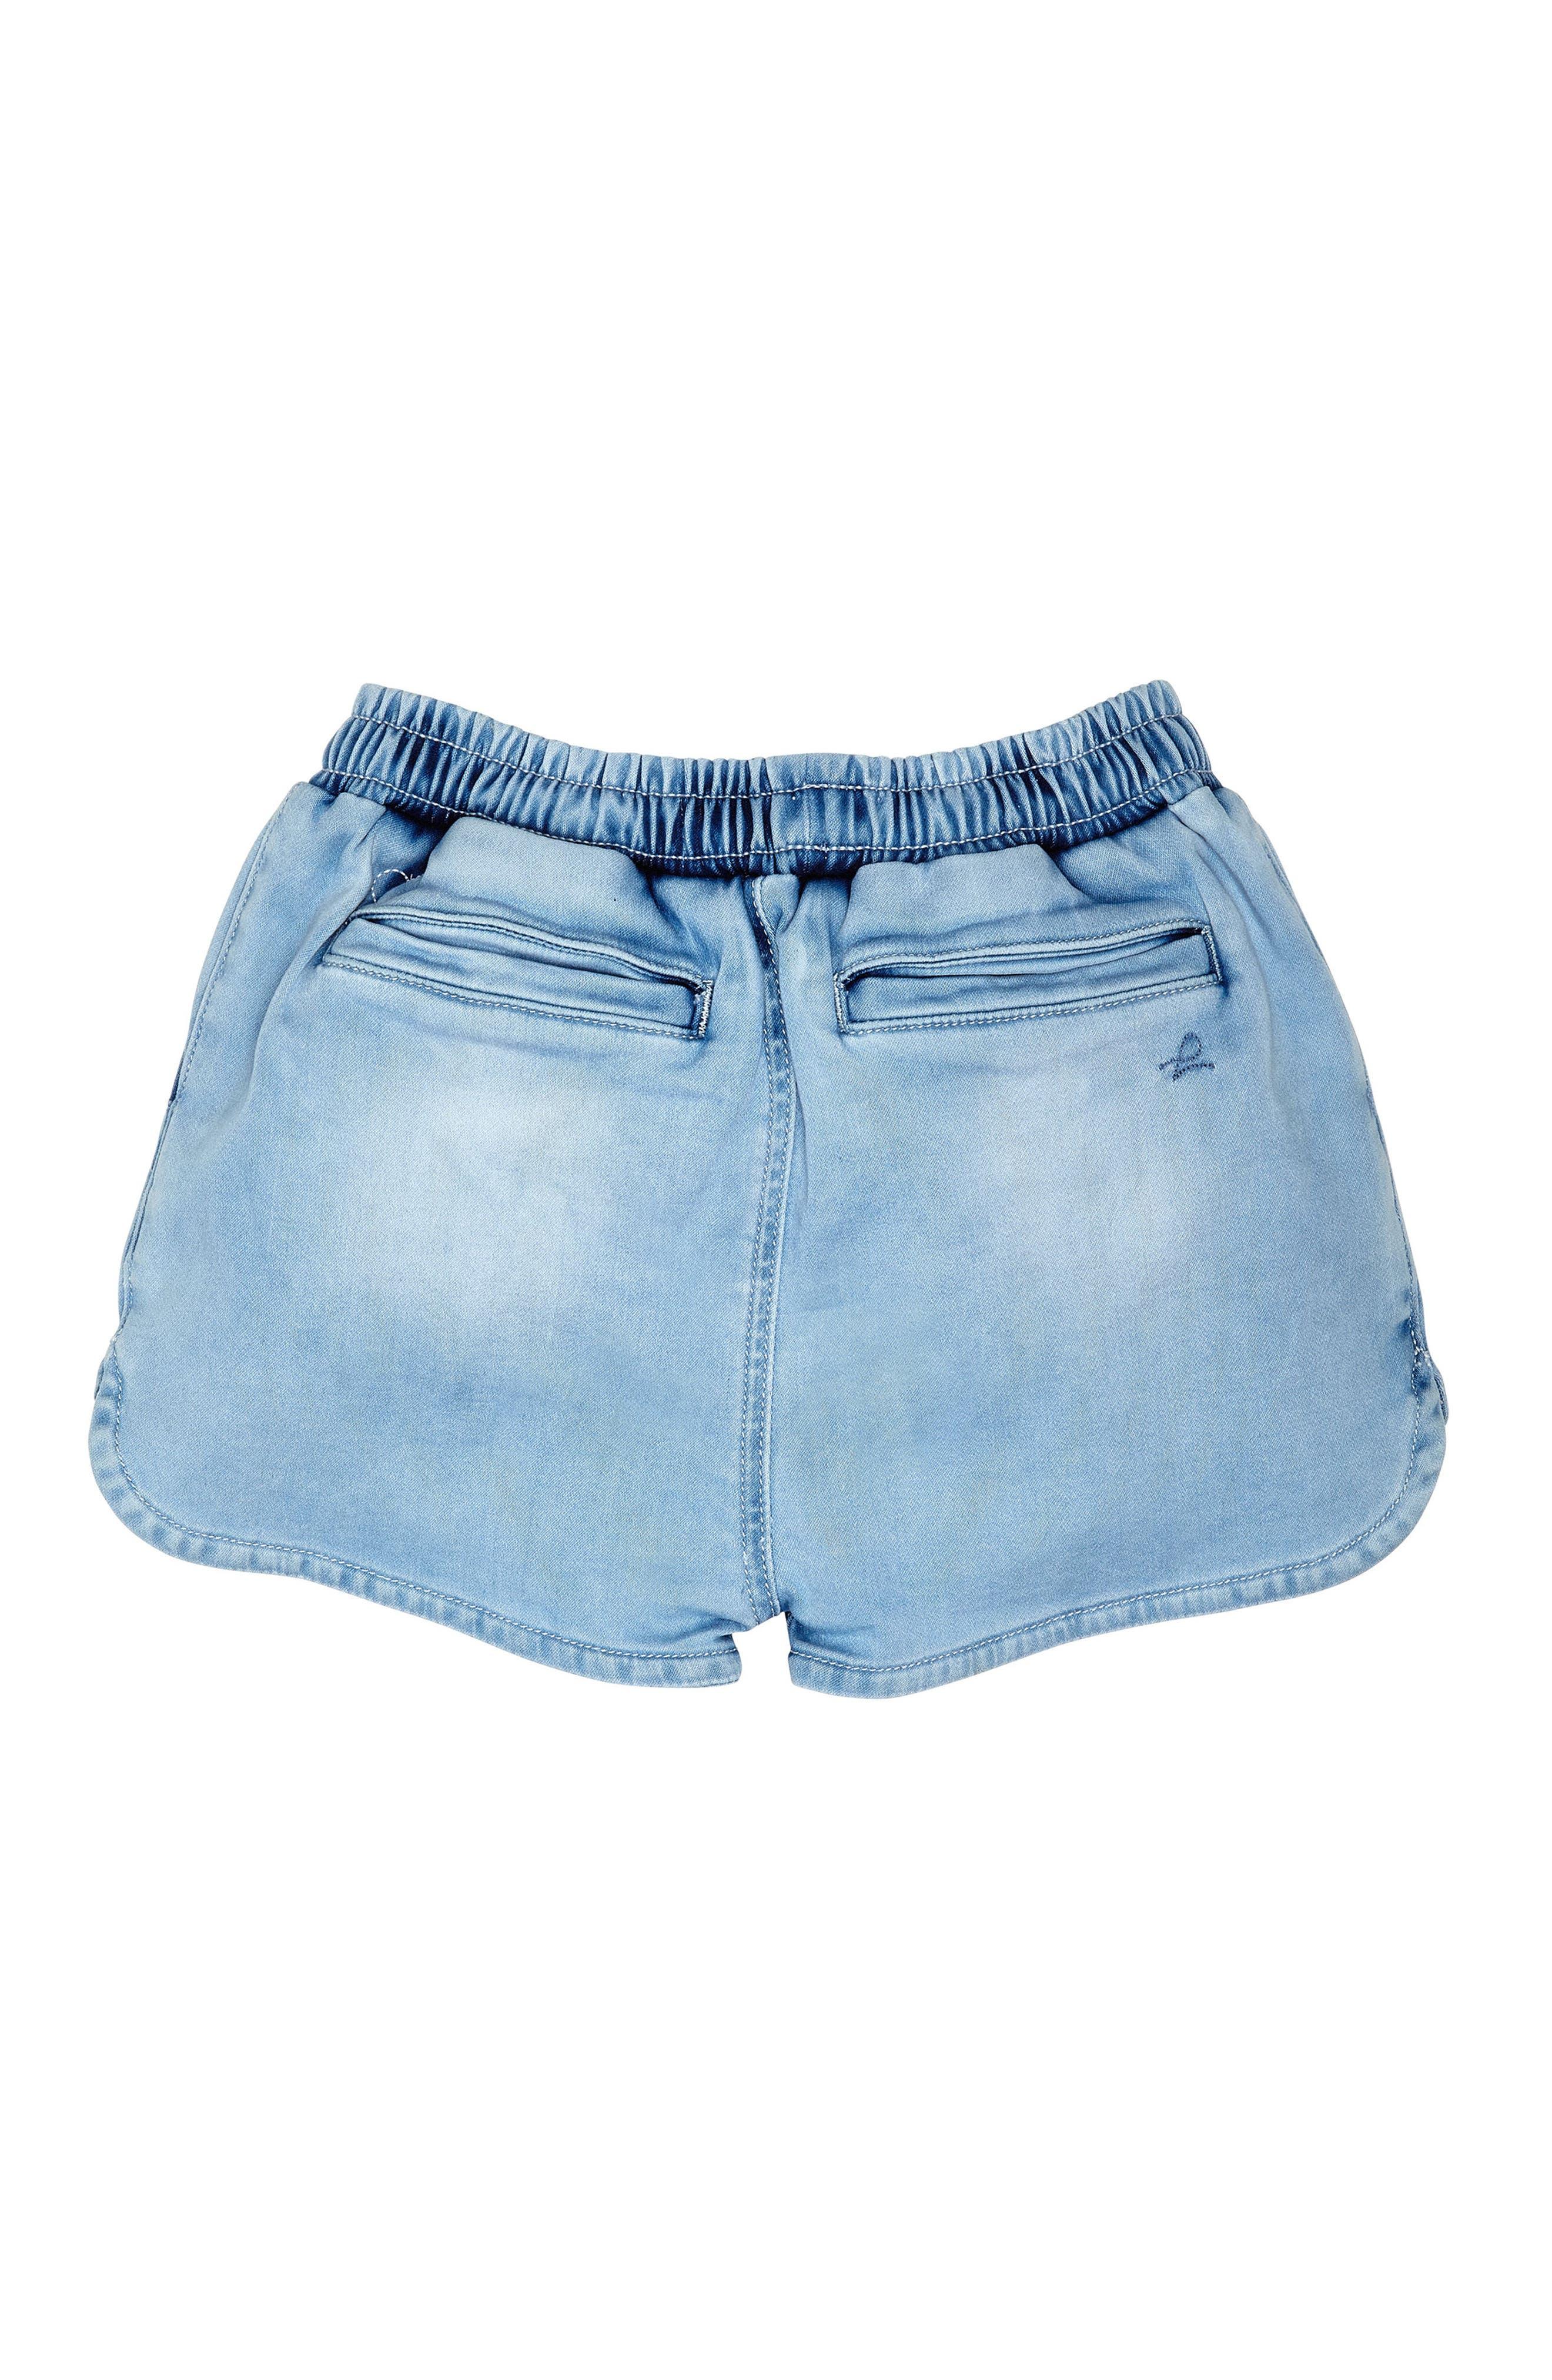 Alternate Image 2  - DL1961 Denim Sport Shorts (Toddler Girls & Little Girls)